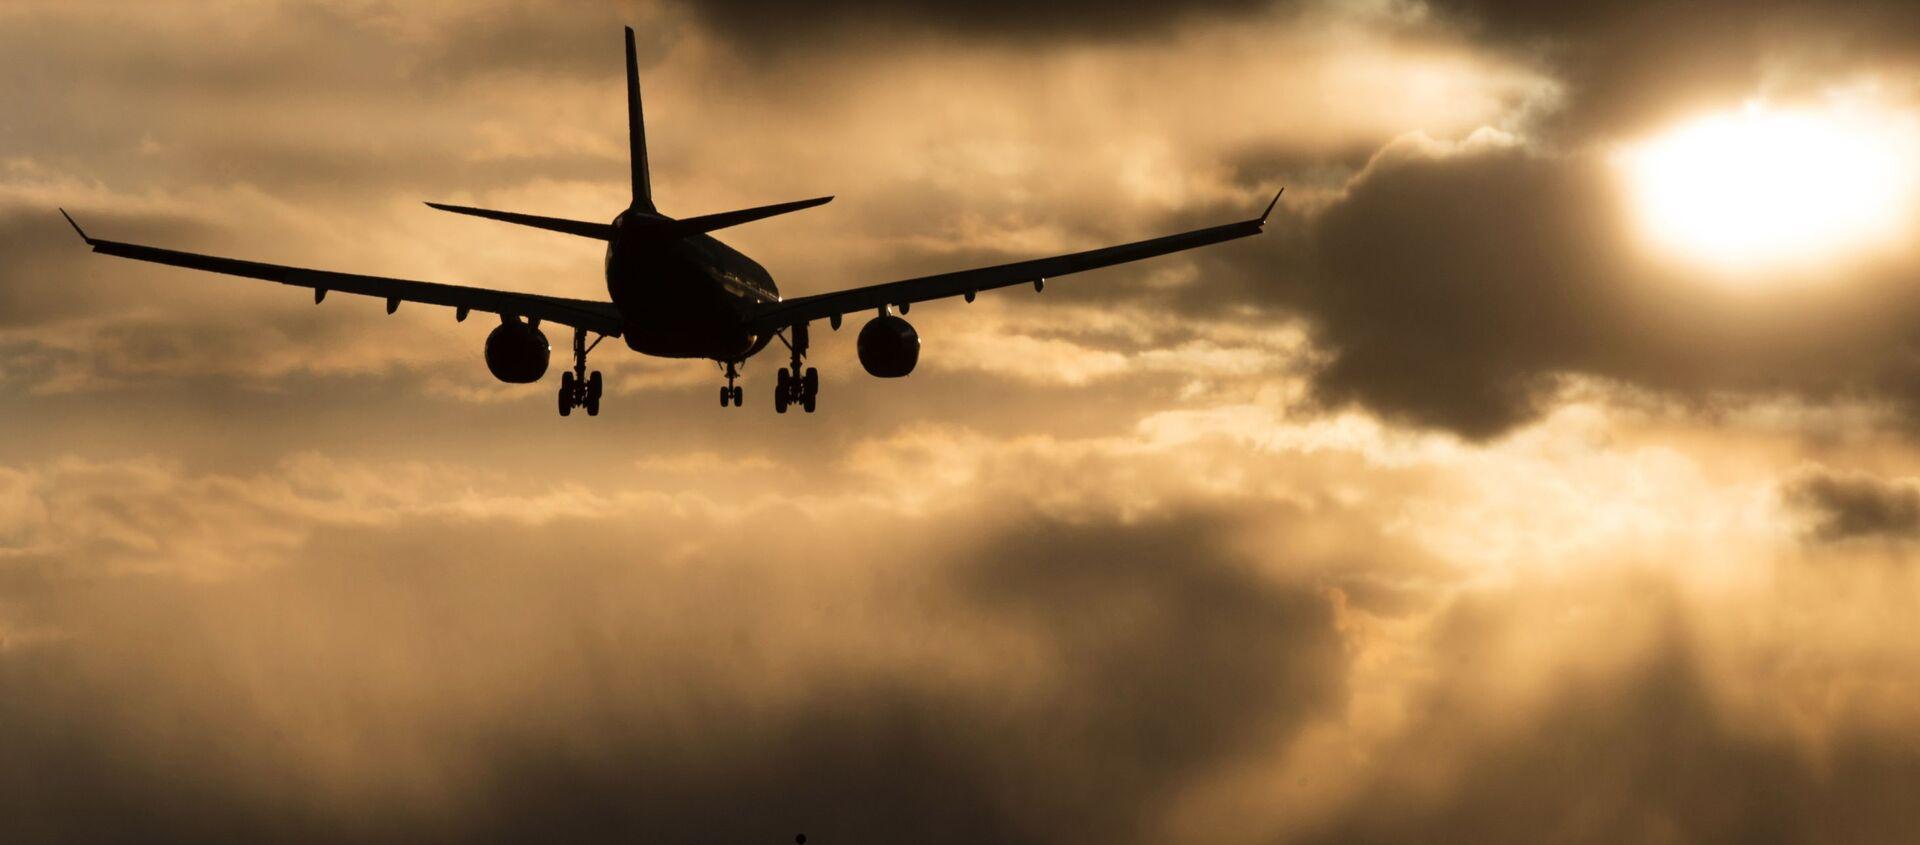 Samolot linii lotniczych Aeroflot zniża się do lądowania na lotnisku Szeremietiewo w Moskwie - Sputnik Polska, 1920, 11.05.2021